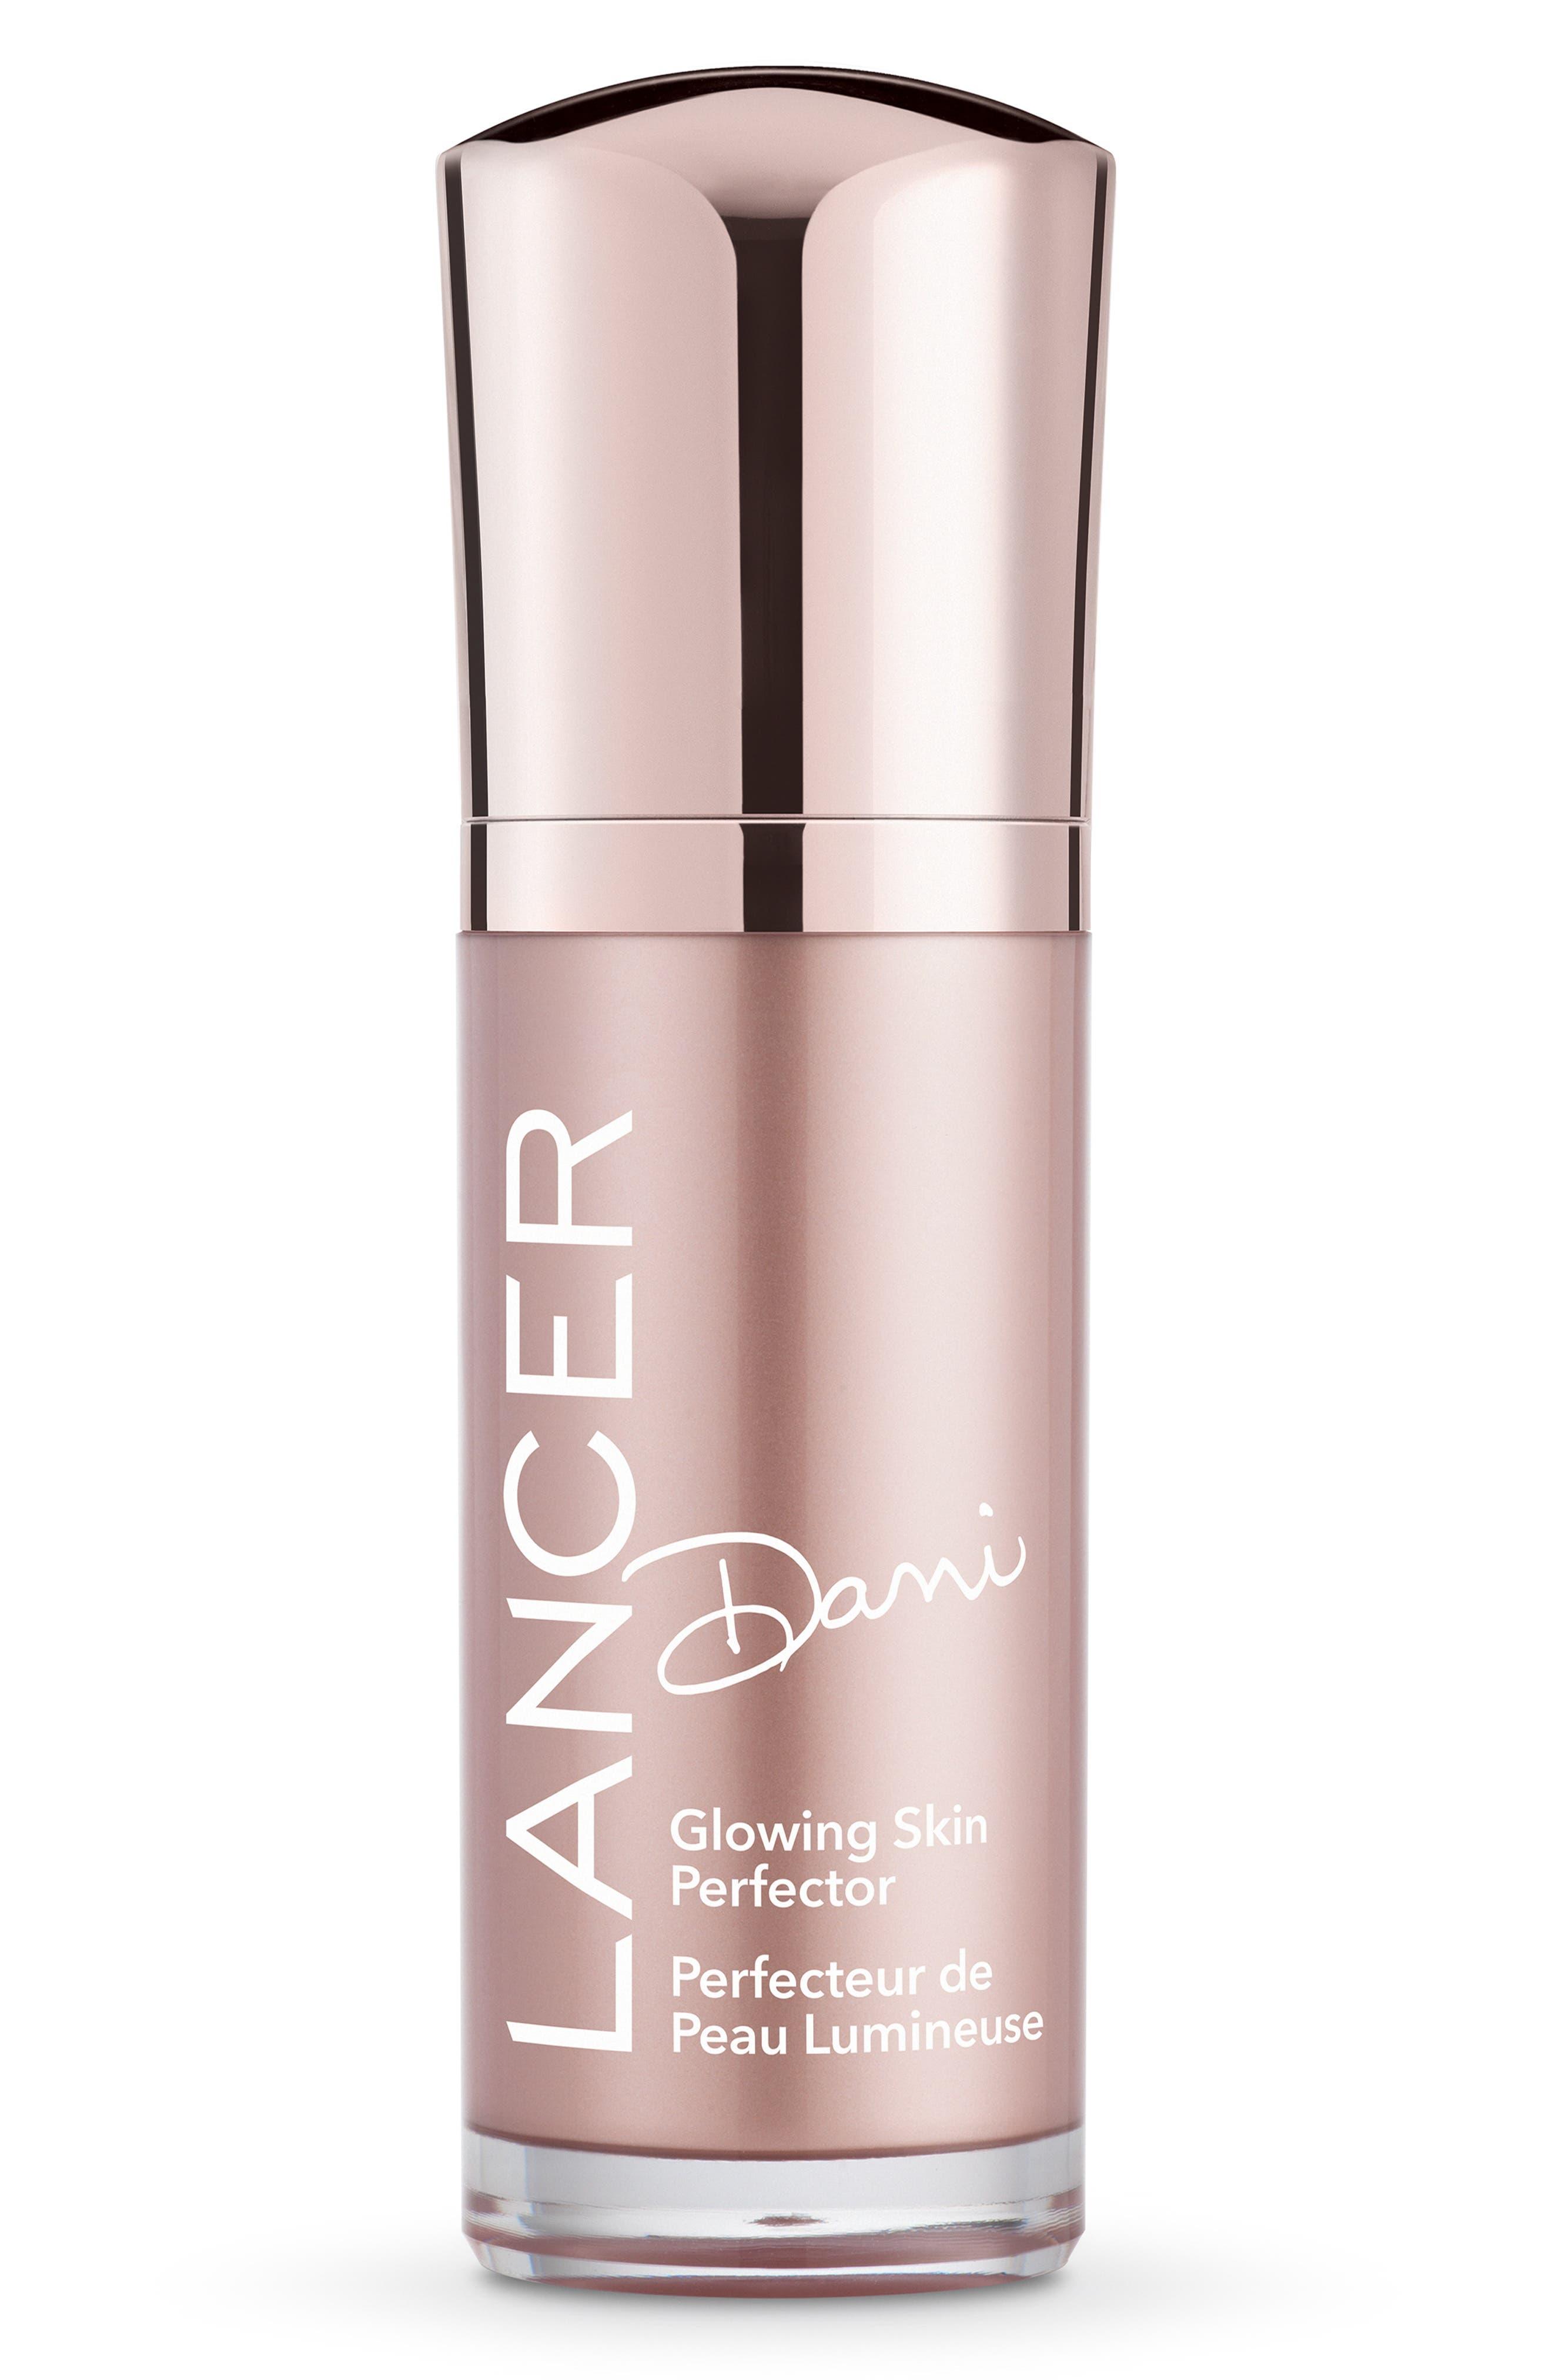 Dani Glowing Skin Perfector